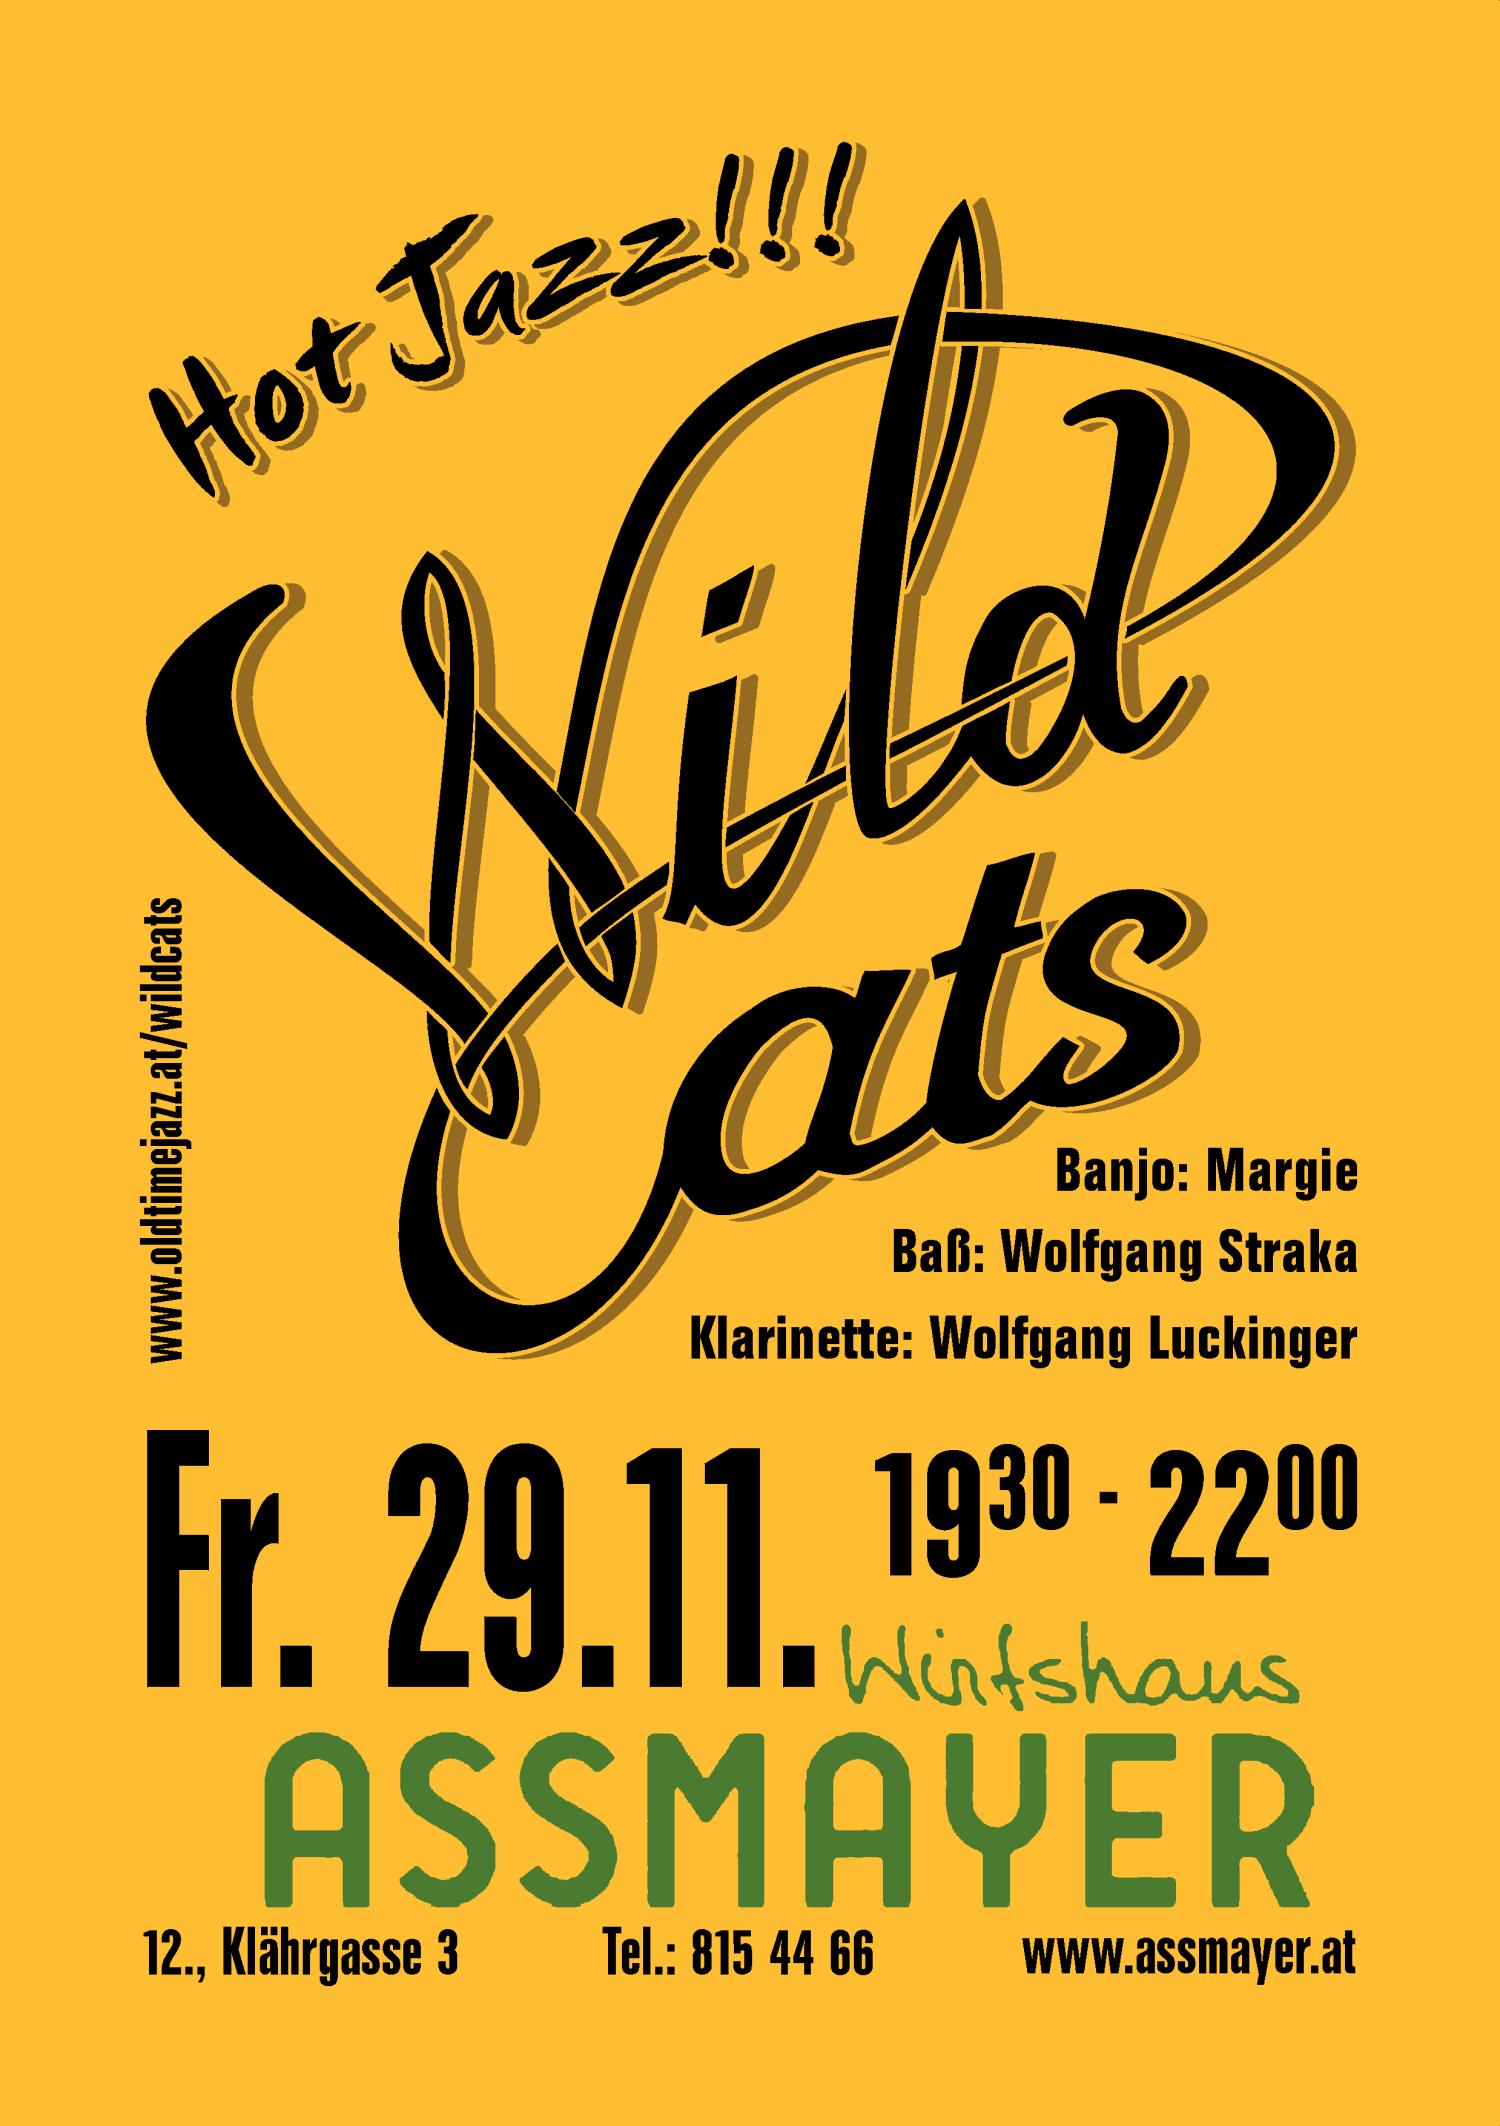 Wild Cats - Hot Jazz!!!